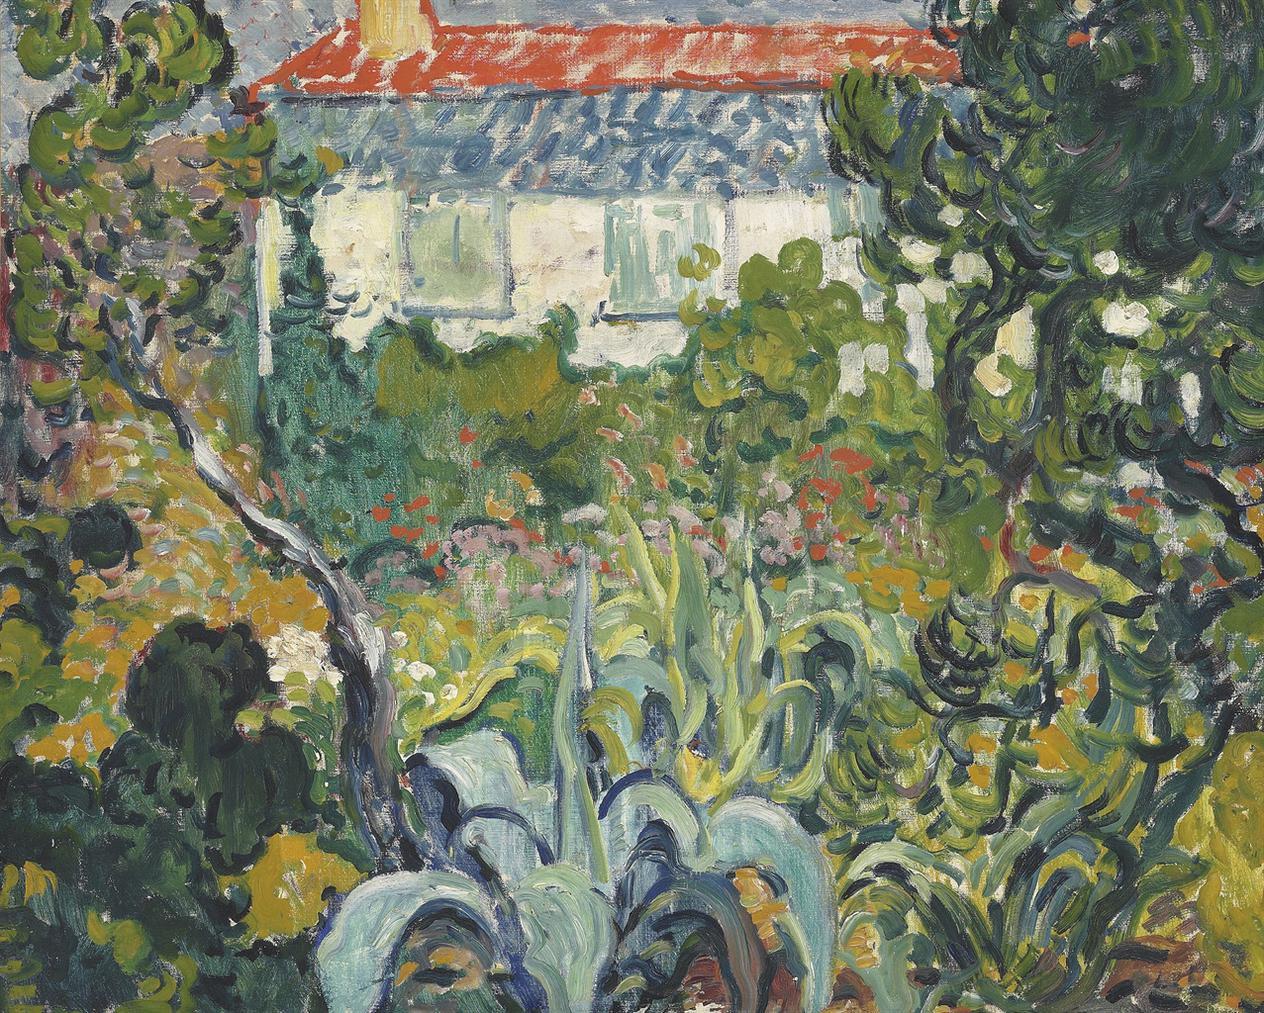 Louis Valtat-Le Jardin De La Maison Au Toit Rouge-